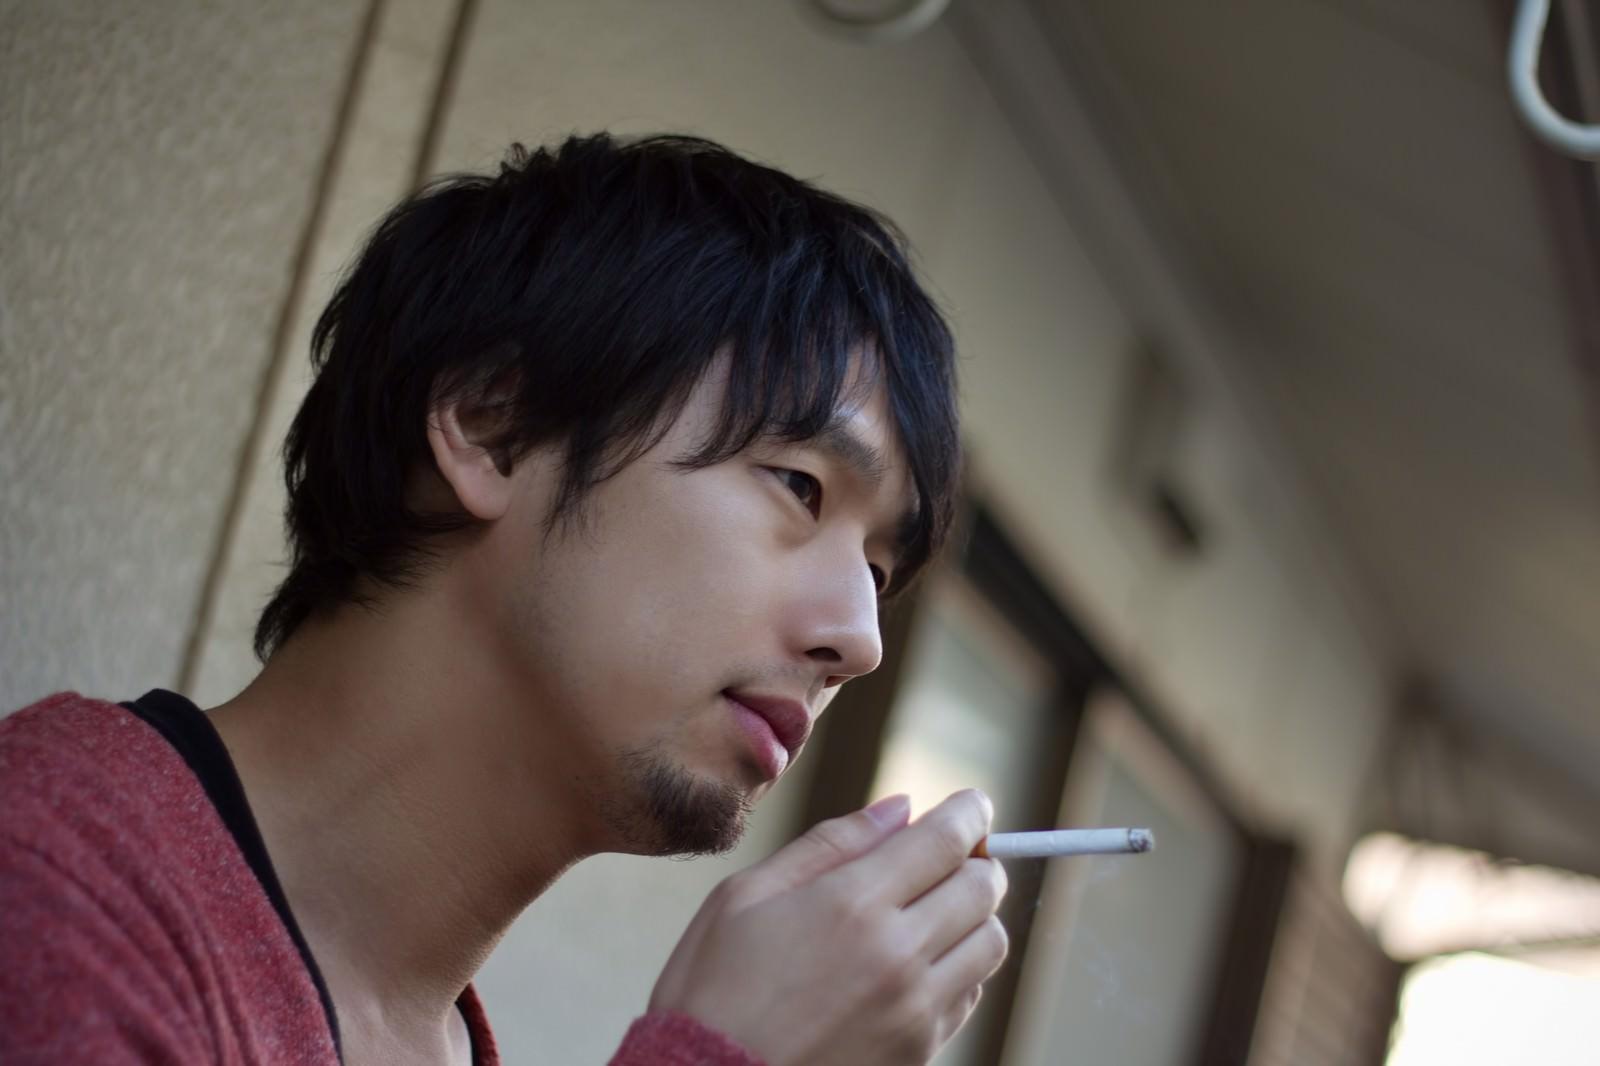 「ベランダで煙草を吸う男性 | 写真の無料素材・フリー素材 - ぱくたそ」の写真[モデル:大川竜弥]